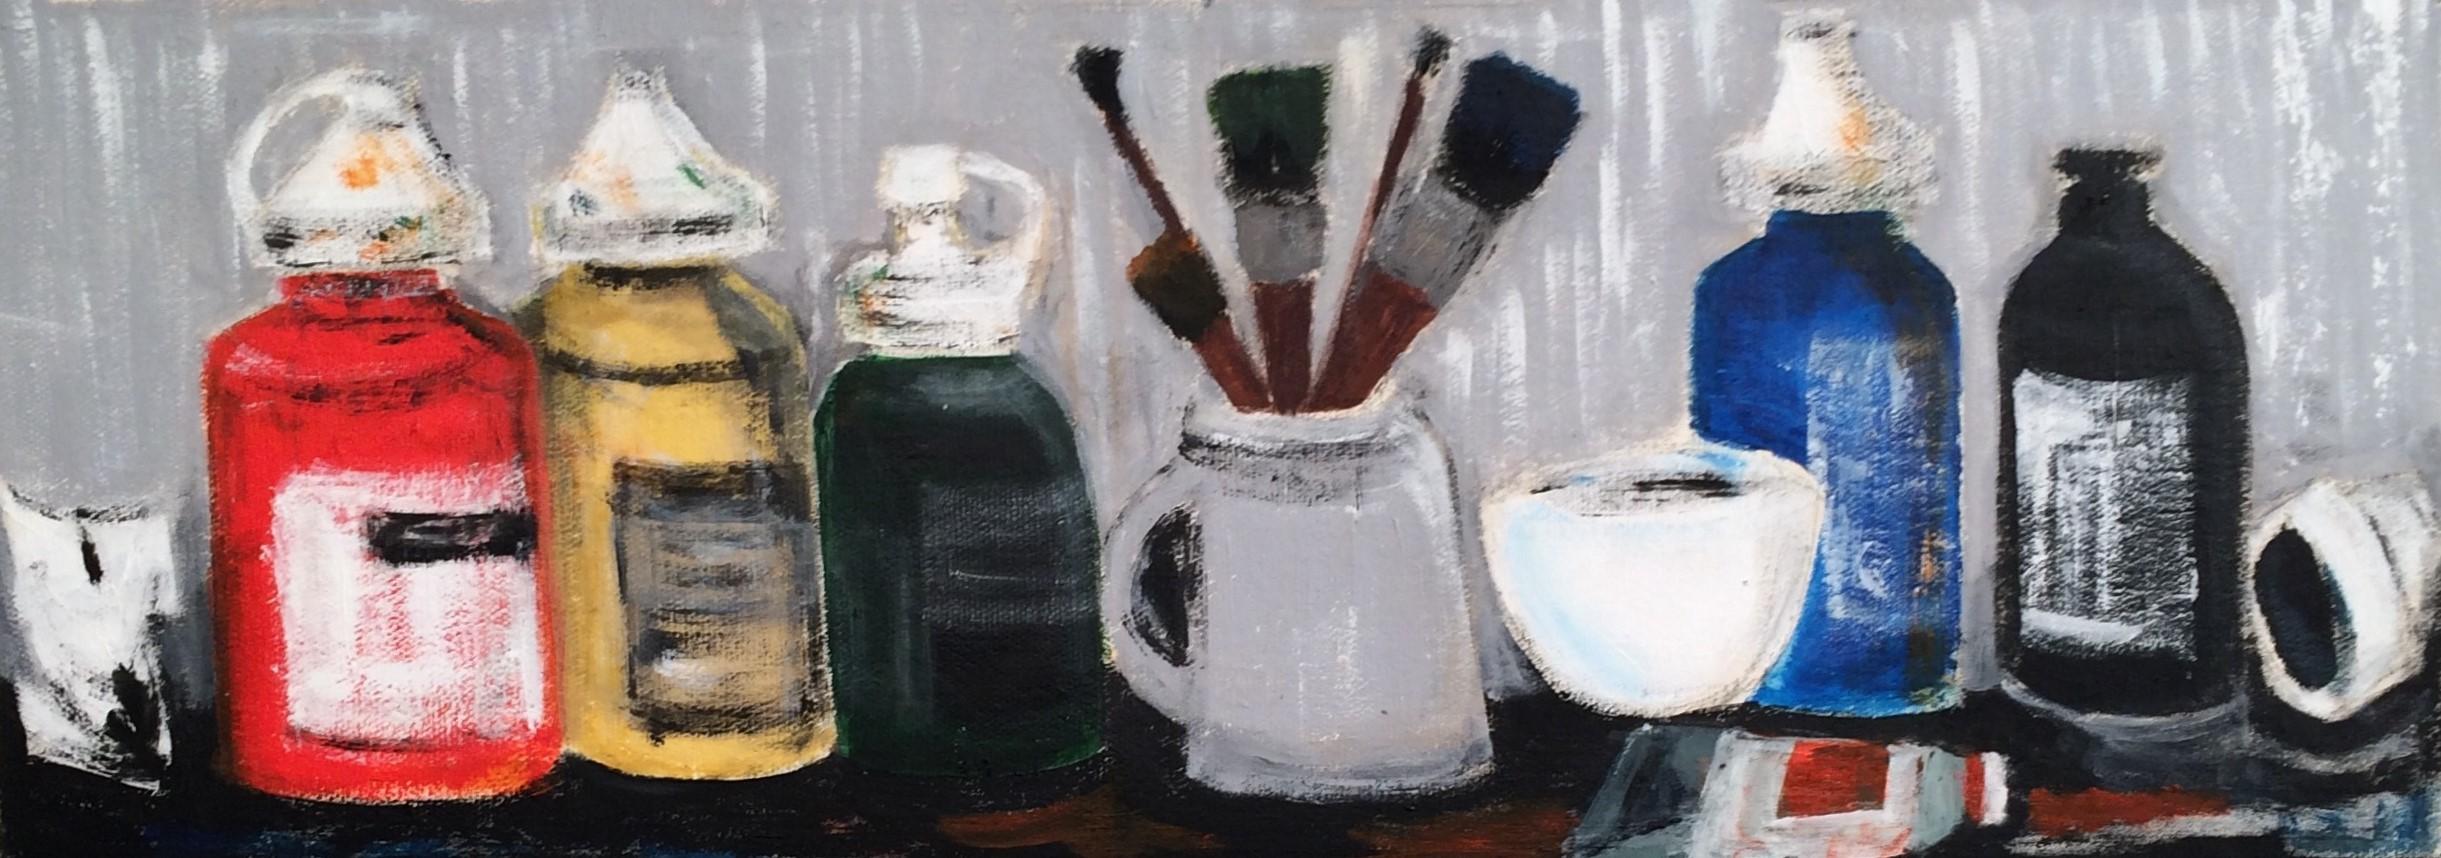 N°3112 - Pots de peinture - Acrylique sur toile - 22 x 63 cm - 30 septembre 2016